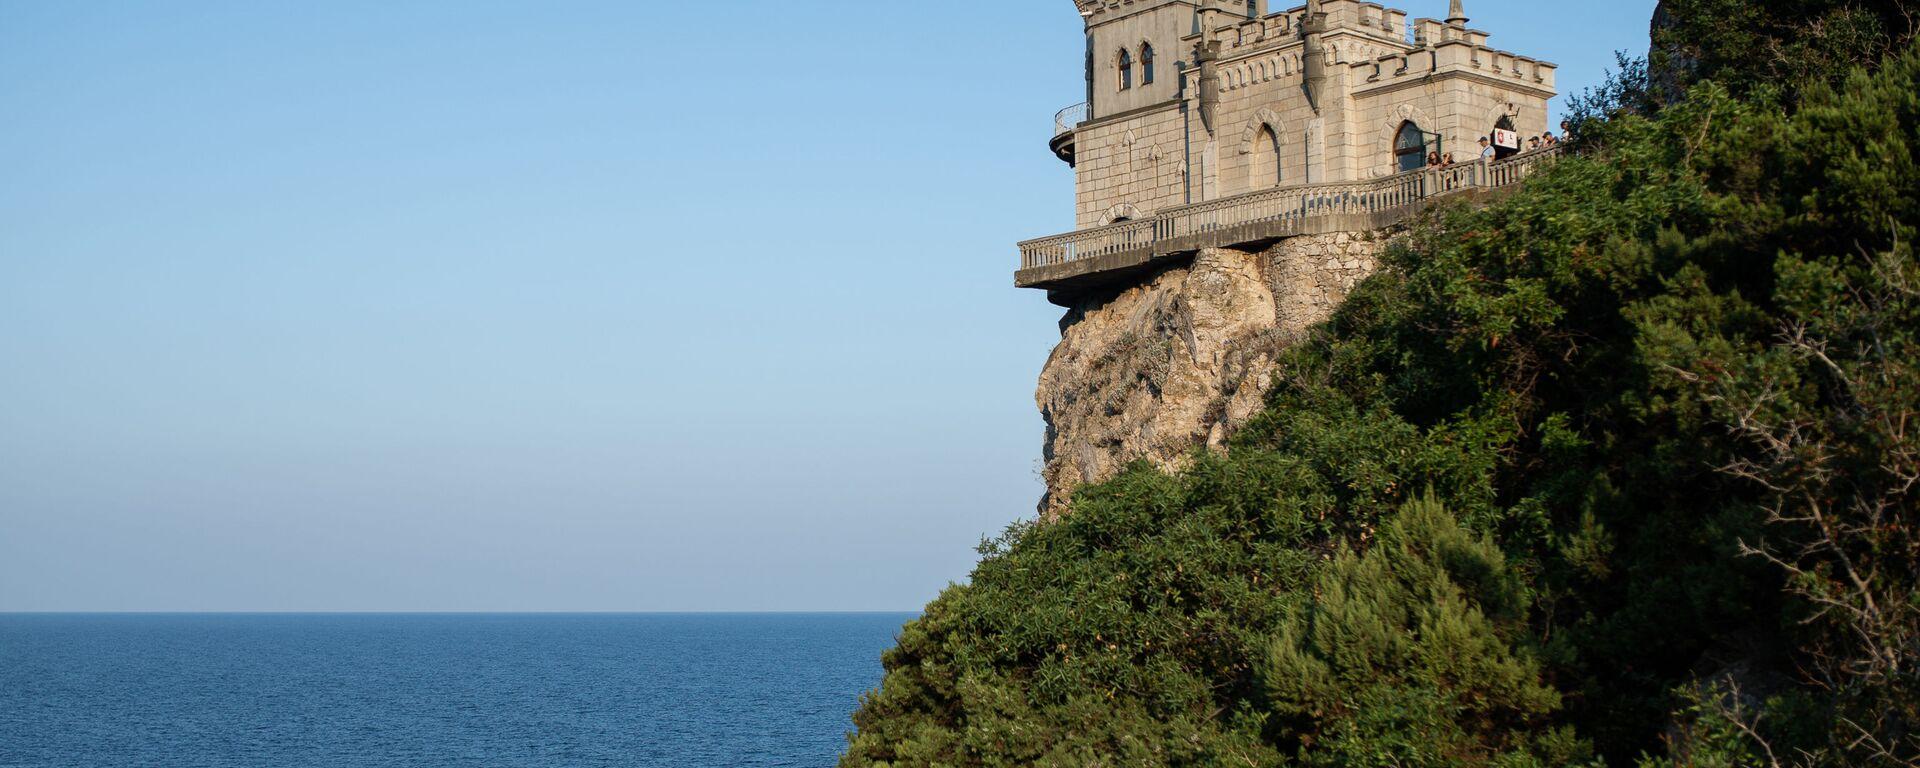 Zamak na obali Crnog mora u predgrađu Jalte na Krimu - Sputnik Srbija, 1920, 11.08.2021